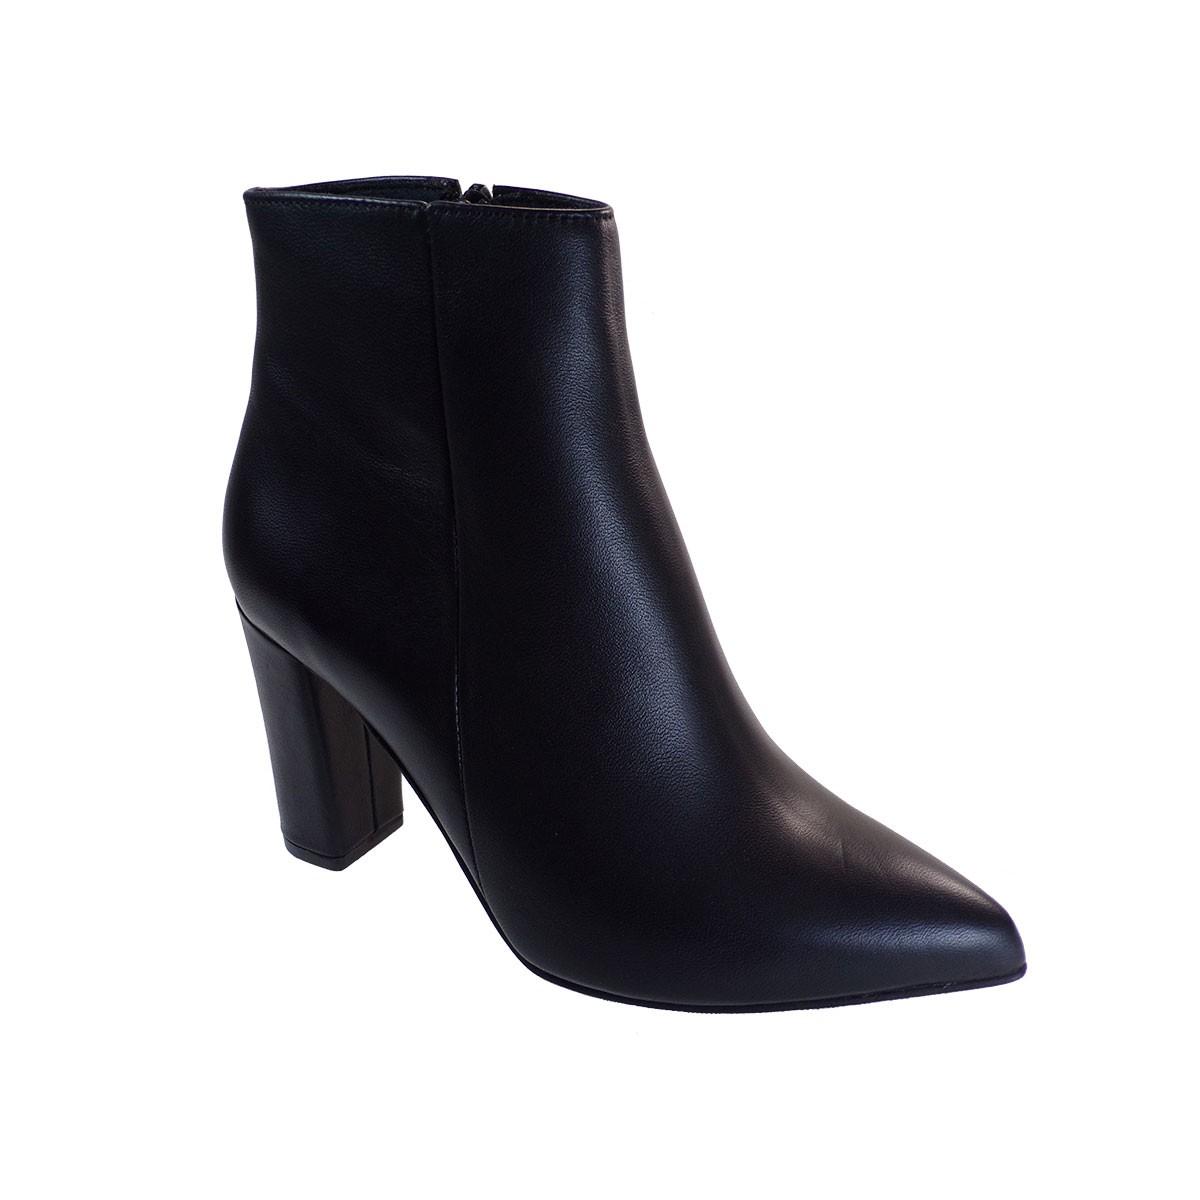 Moods Shoes Γυναικεία Μποτάκια 3579 Μαύρο Δέρμα